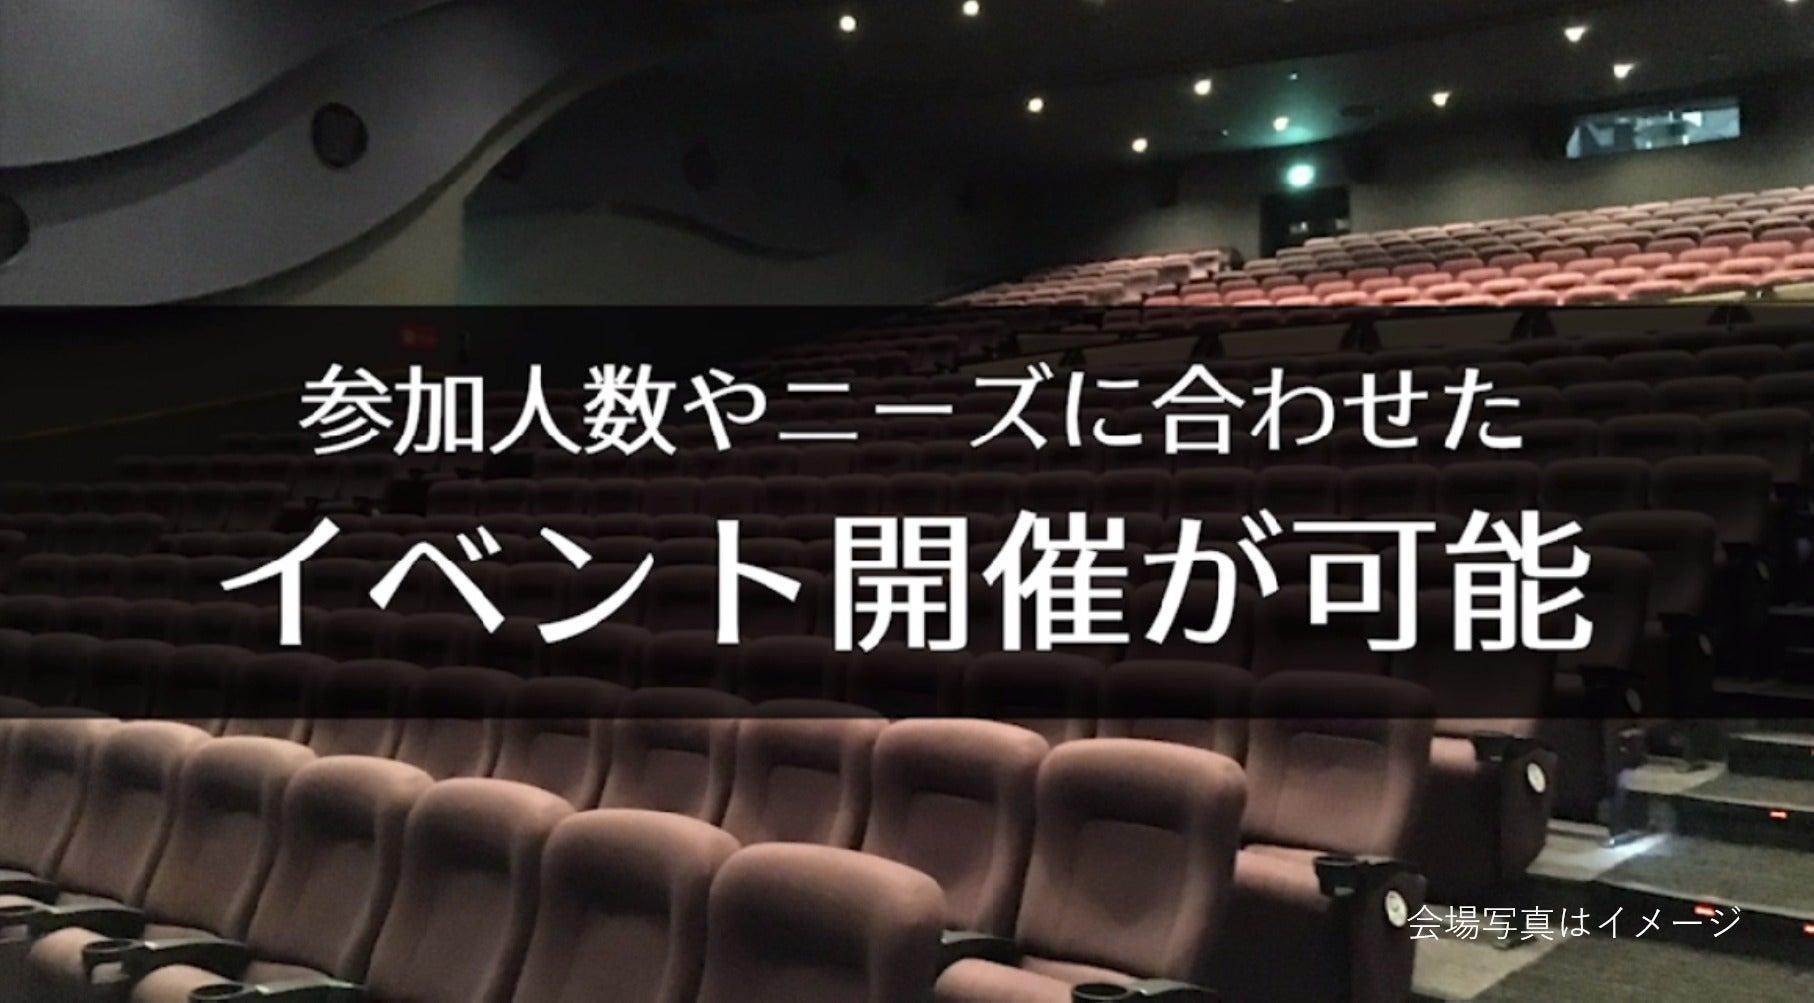 【岡崎 270席】映画館で、会社説明会、株主総会、講演会の企画はいかがですか?(ユナイテッド・シネマ岡崎) の写真0